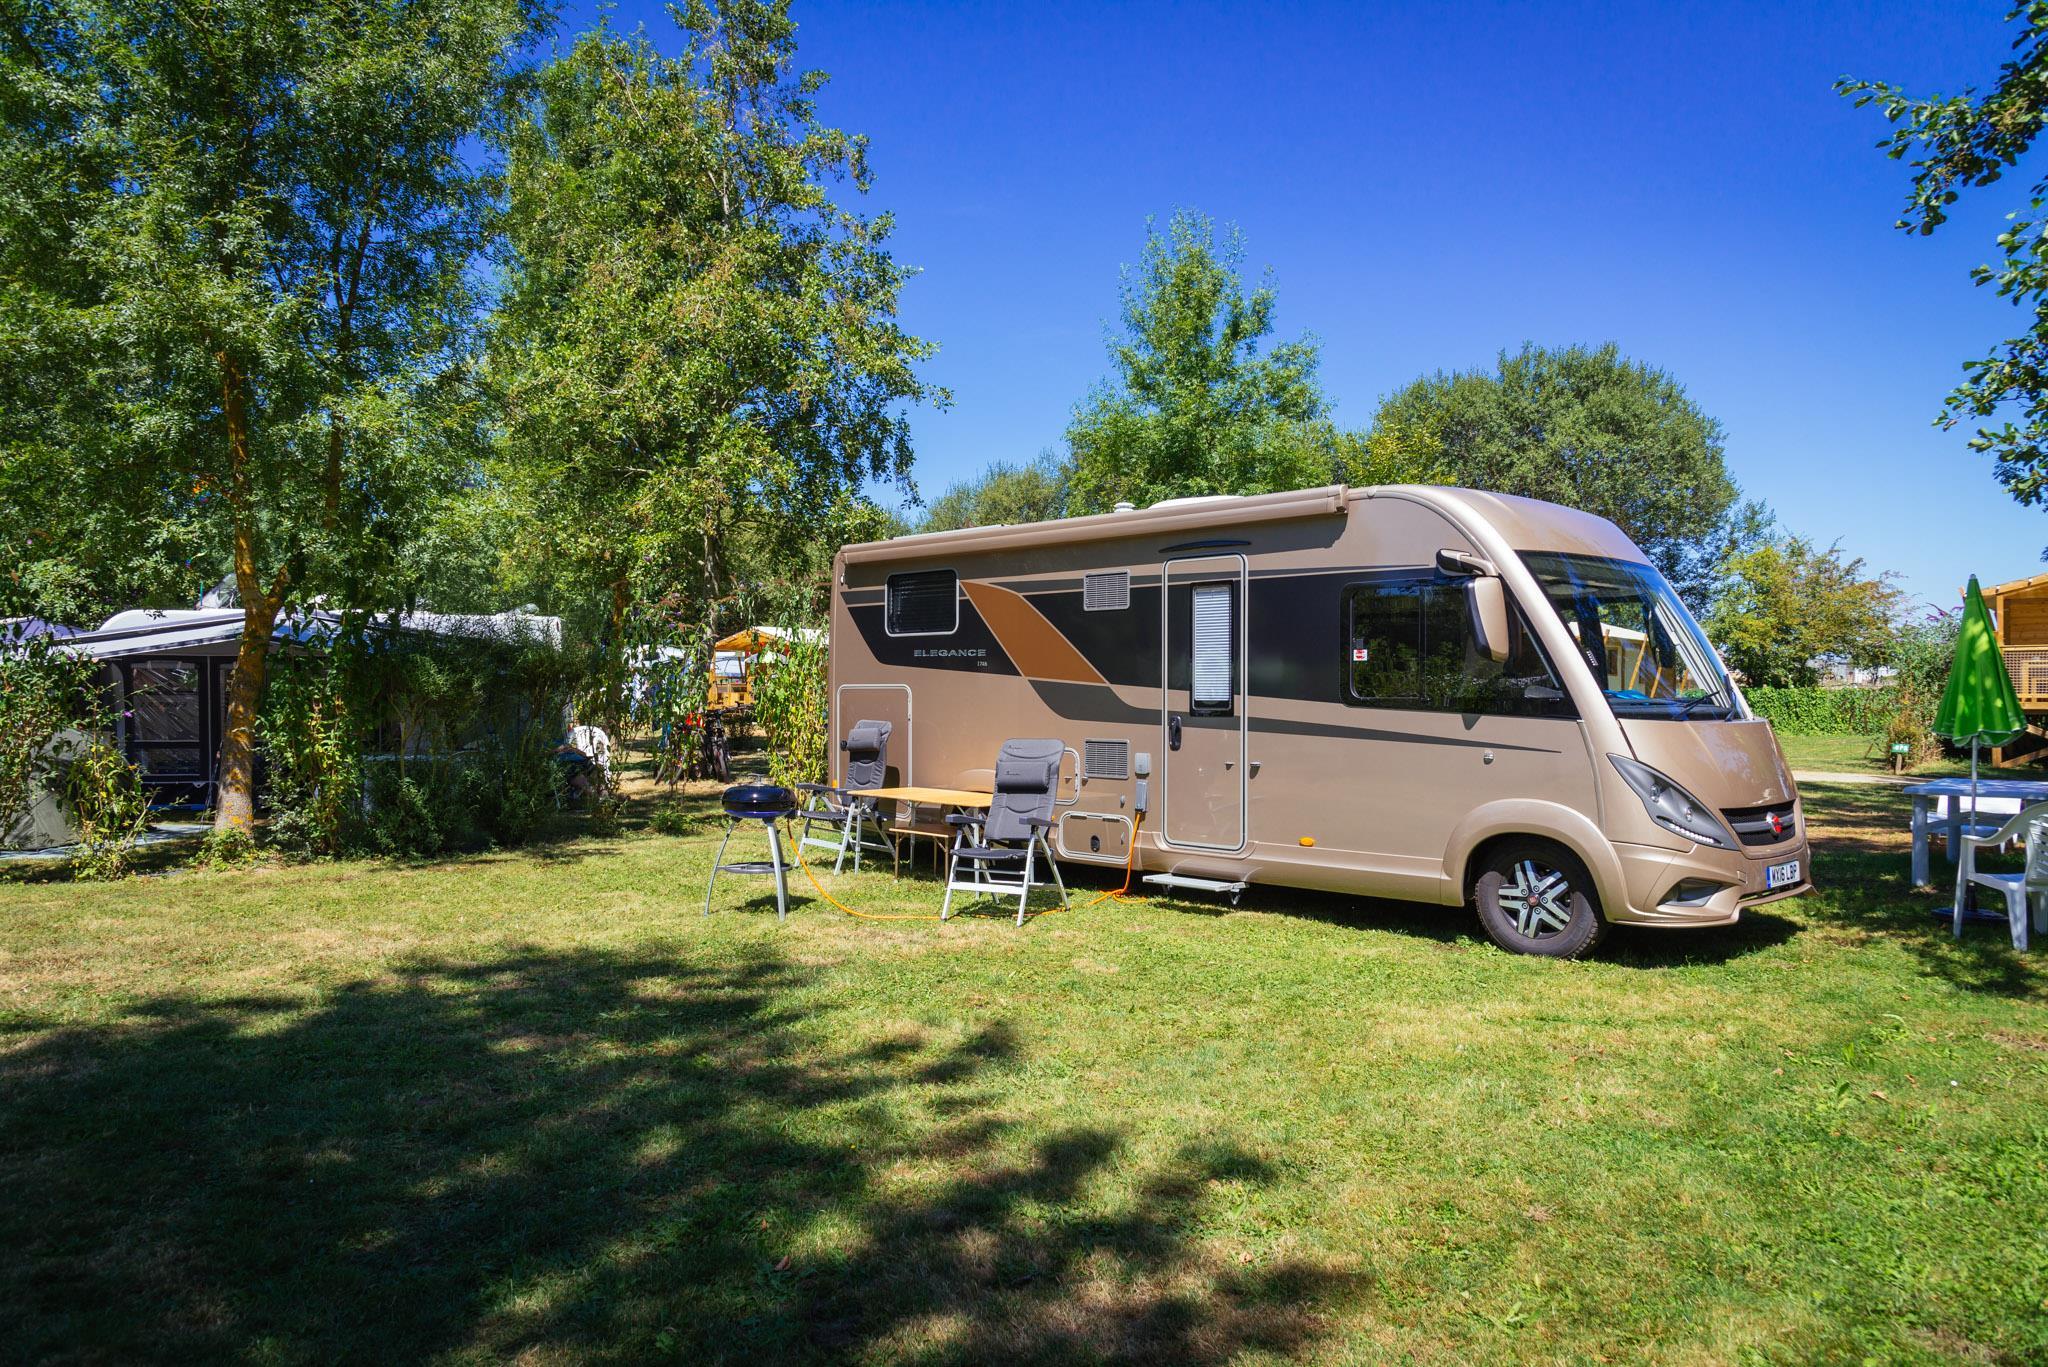 Emplacement - Emplacement Grand Confort : Electricité, Drainage Et Point Eau - Camping Sites et Paysages Domaine de L'Étang